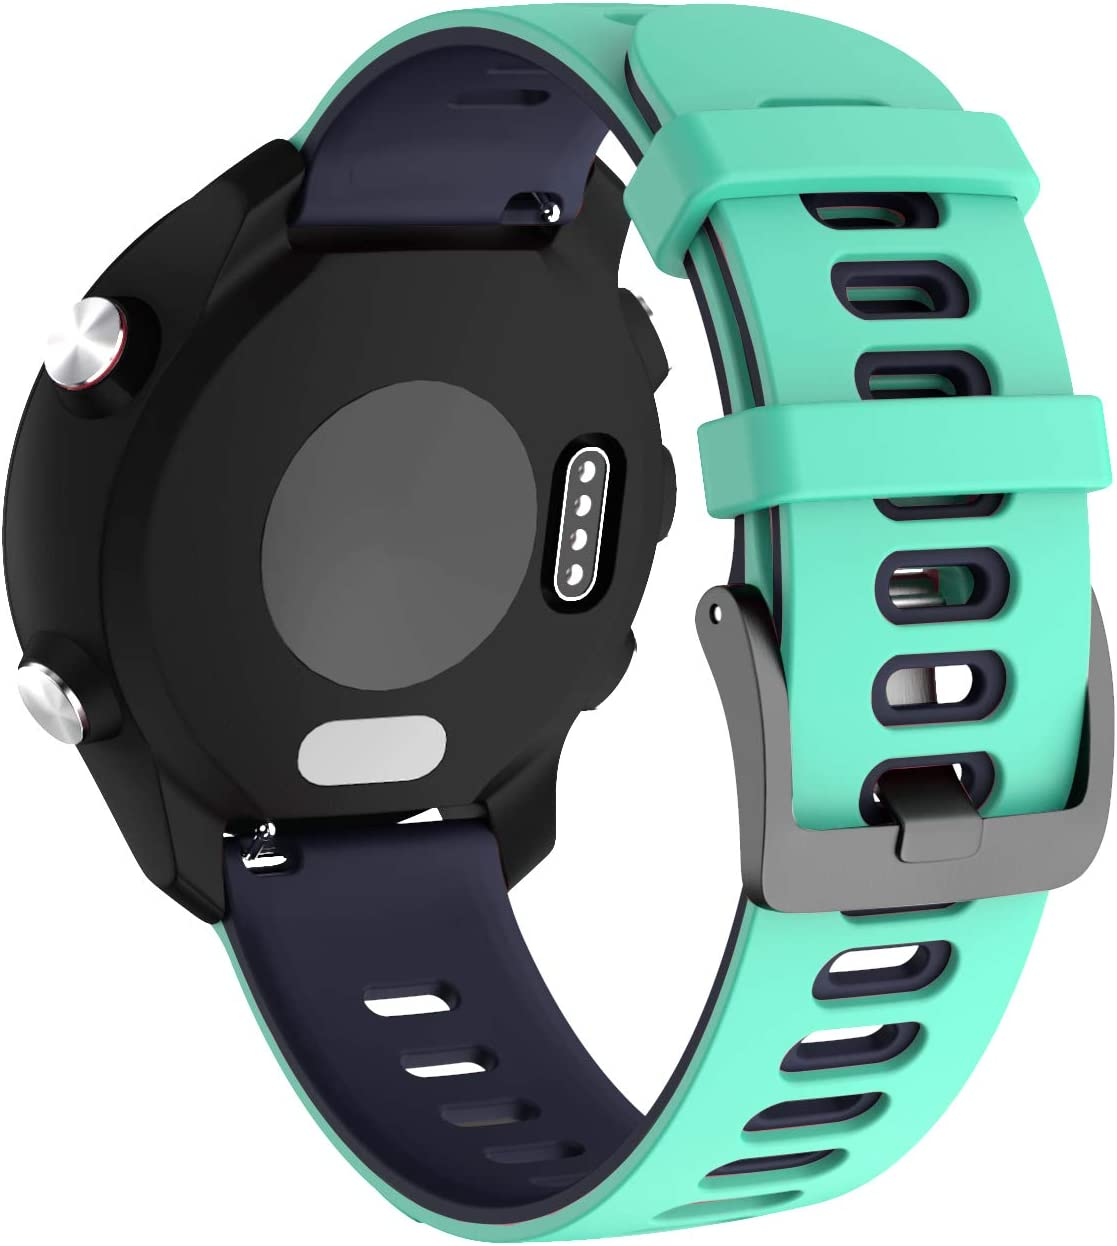 NotoCity Correa para Huawei Watch 2,20mm Repuesto de Correa Reloj de Silicona para Amazfit Bip Xiaomi/Garmin Vivoactive 3/Forerunner 235/245/Samsung Galaxy Watch 42mm/Gear Sport/Active